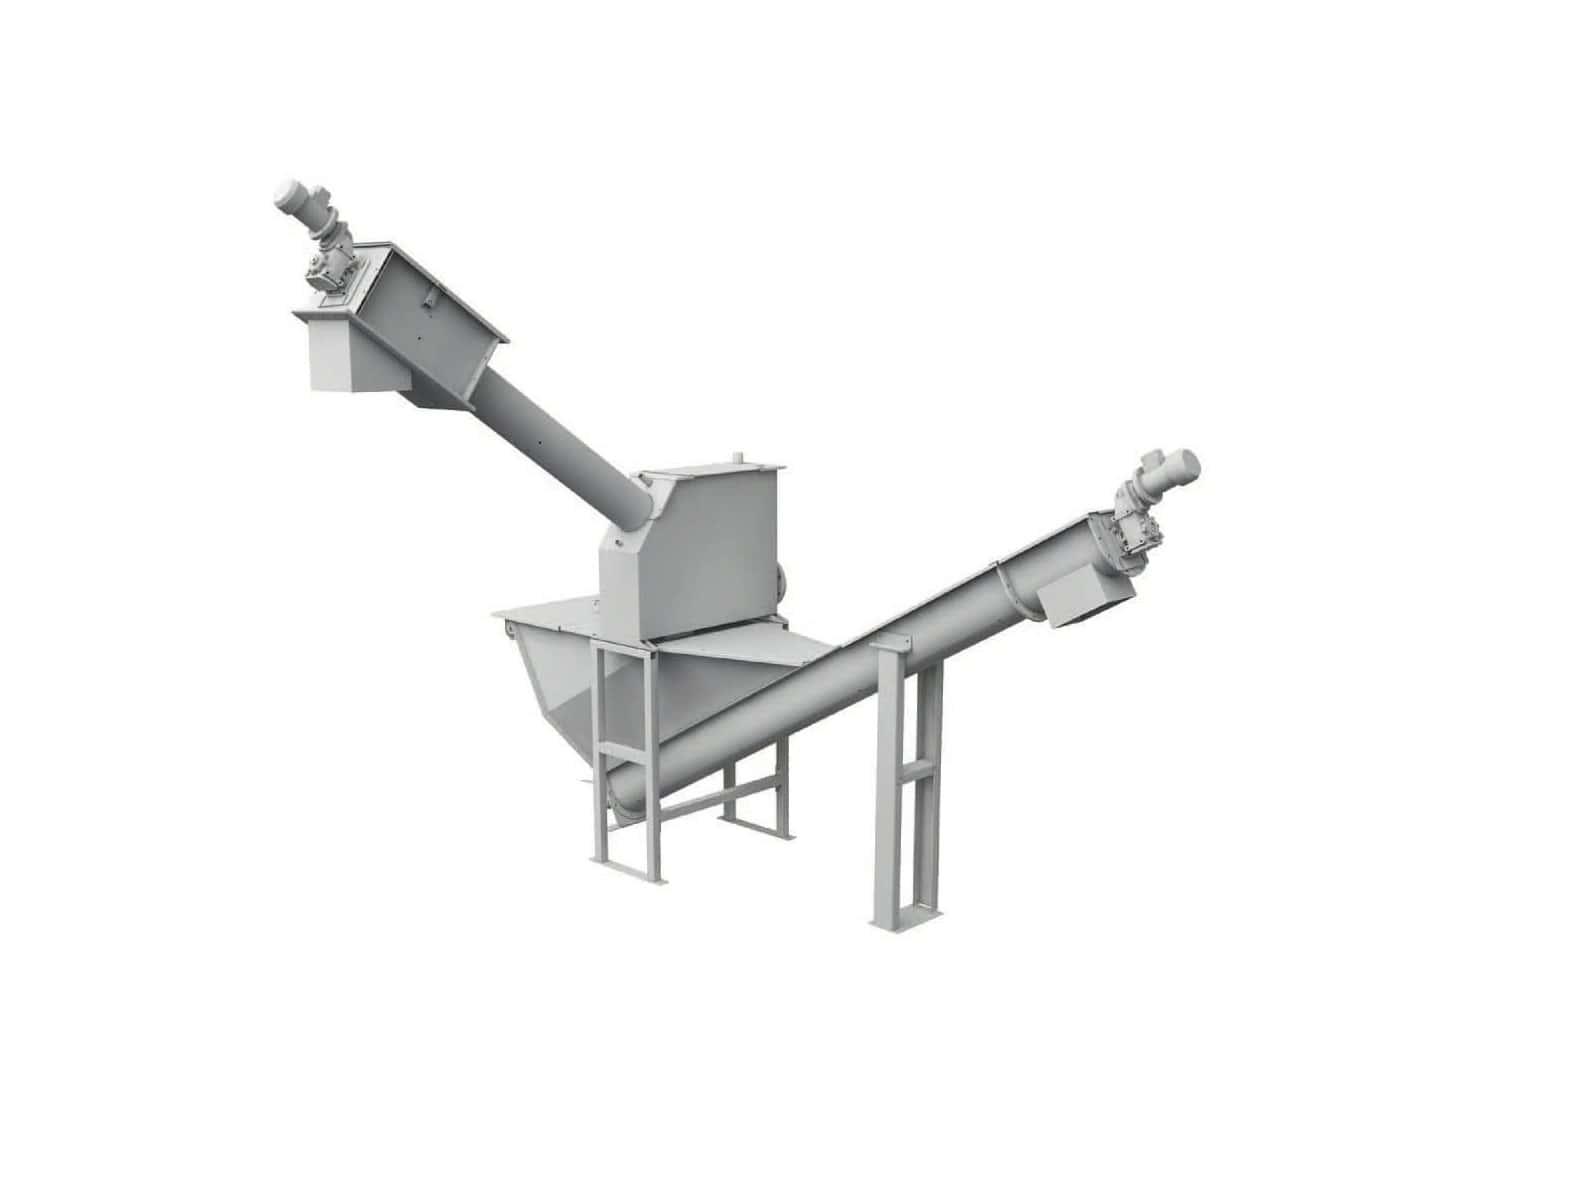 MINI UNIT est un équipement combiné pour la séparation des déchets solides et des sables. Ces unités représentent une solution économique aux traitement des faibles débits. Les eaux usées entrantes sont filtrées à travers un tamis élévateur puis dans un classificateur. Le système de déflecteur interne au classificateur permet une séparation efficace du sable recueilli au fond et d'être ensuite convoyé.